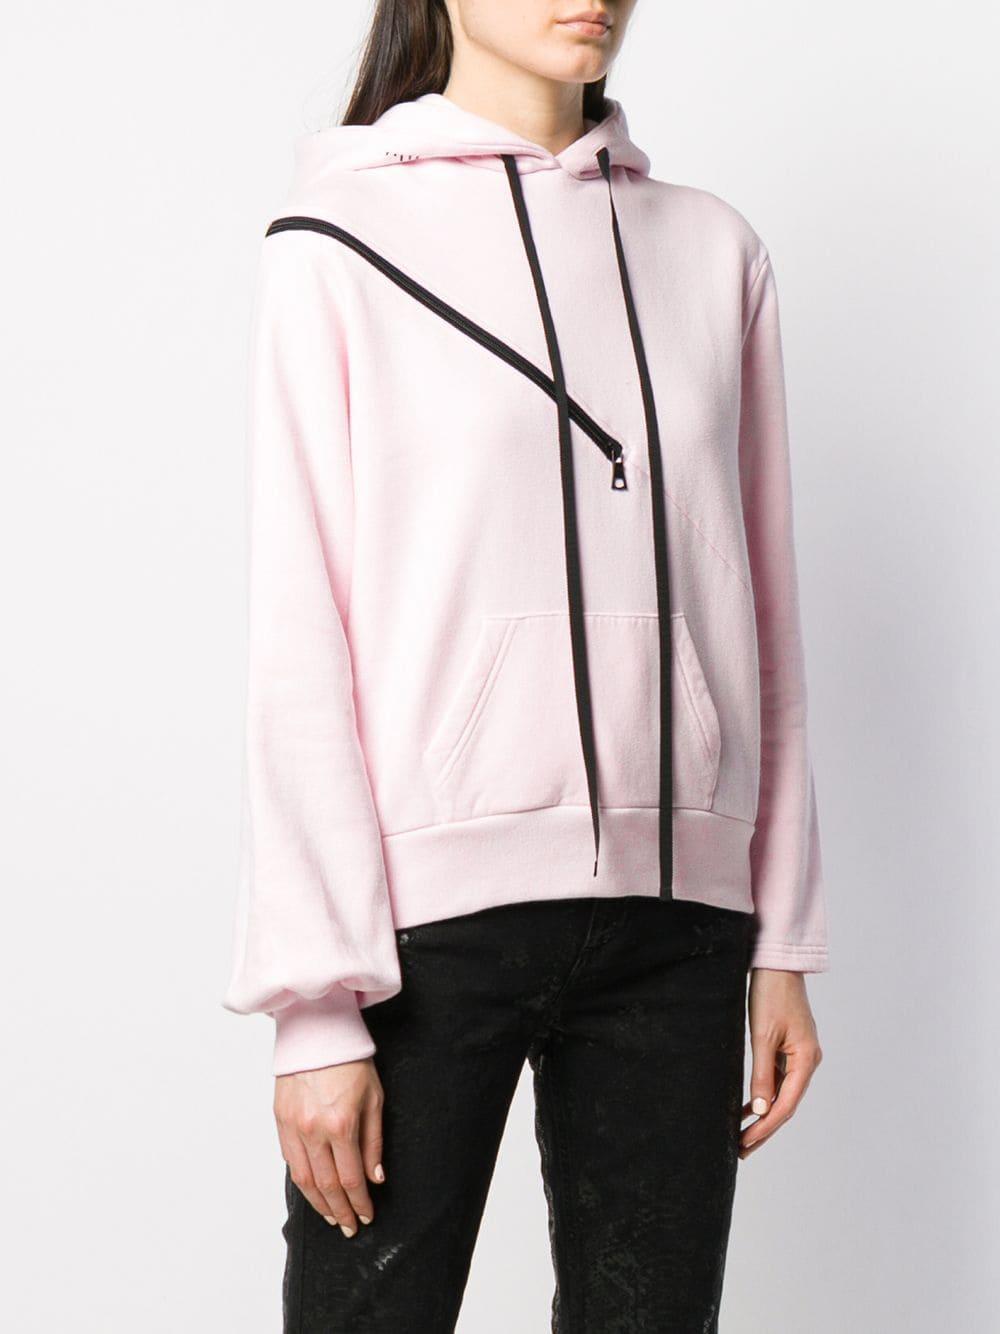 Jersey con detalles en contraste con cremallera Unravel Project de Algodón de color Rosa